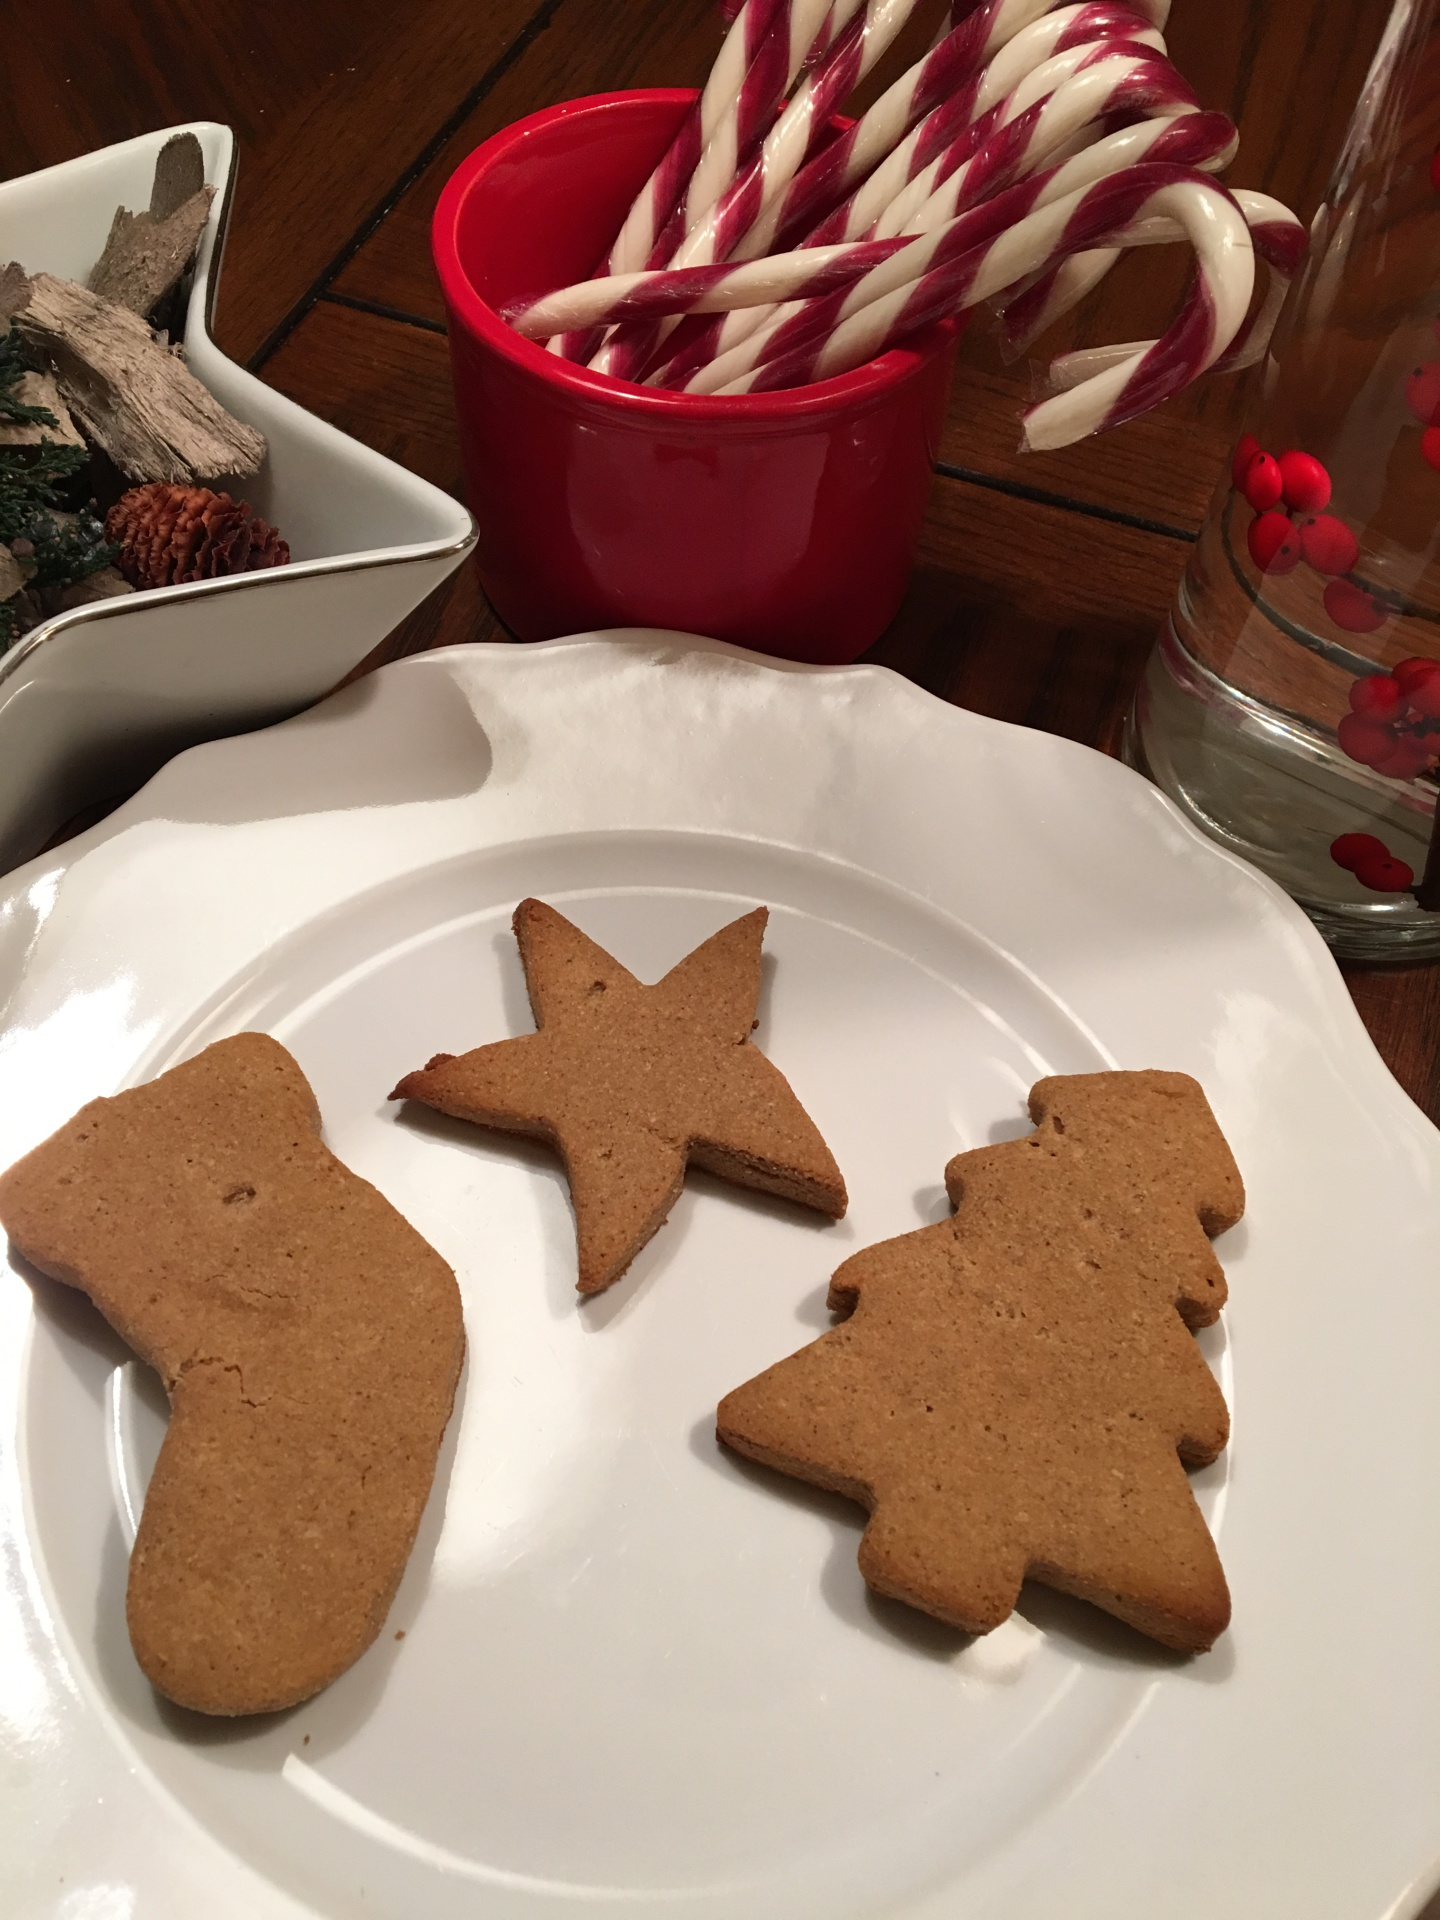 Jolly Gingerbread Cookies